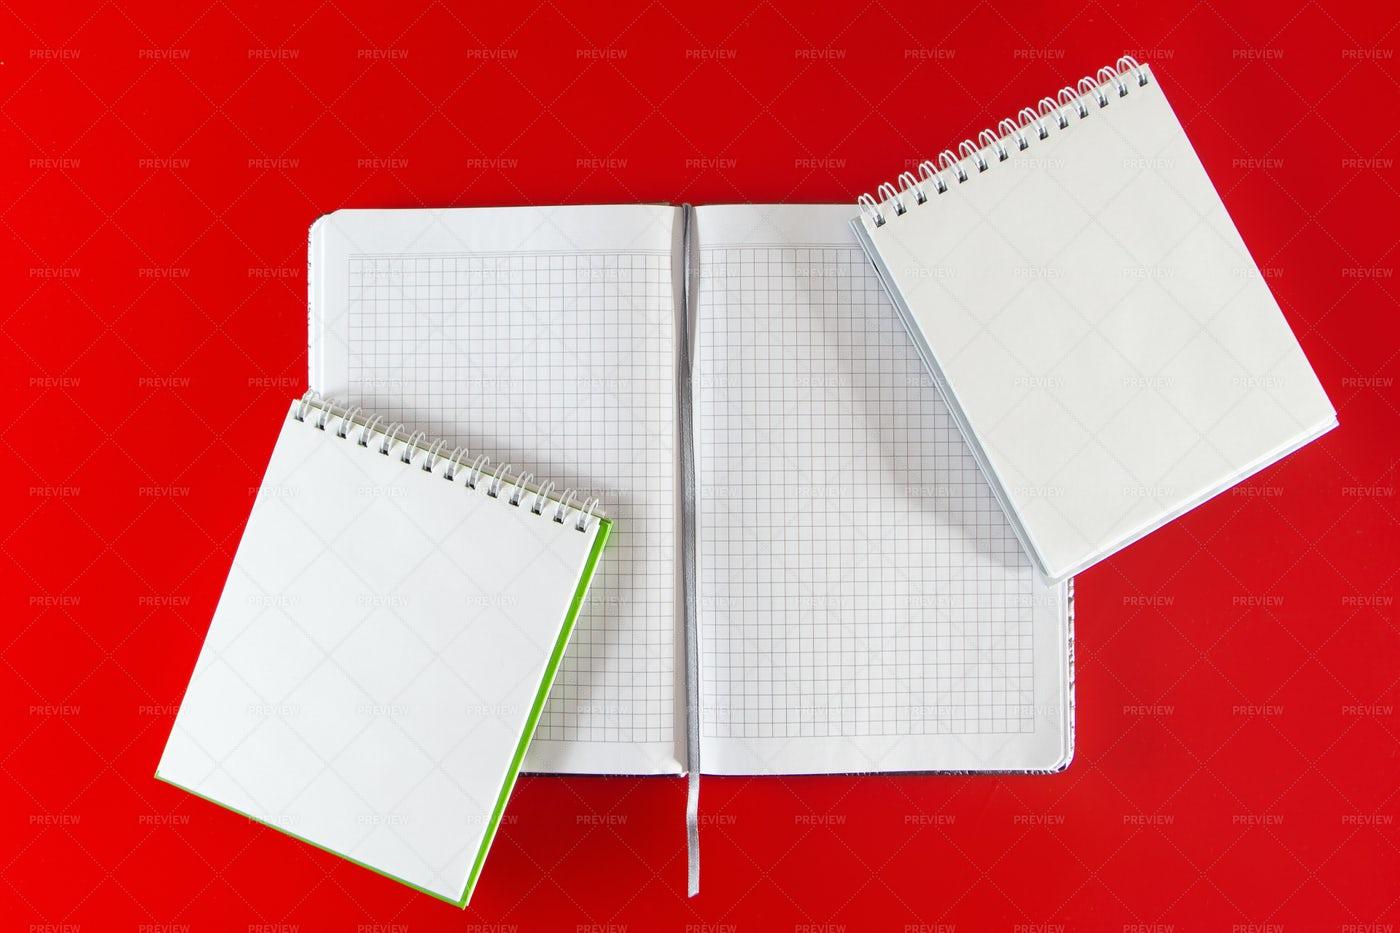 Minimalistic Layout Of Notebooks: Stock Photos